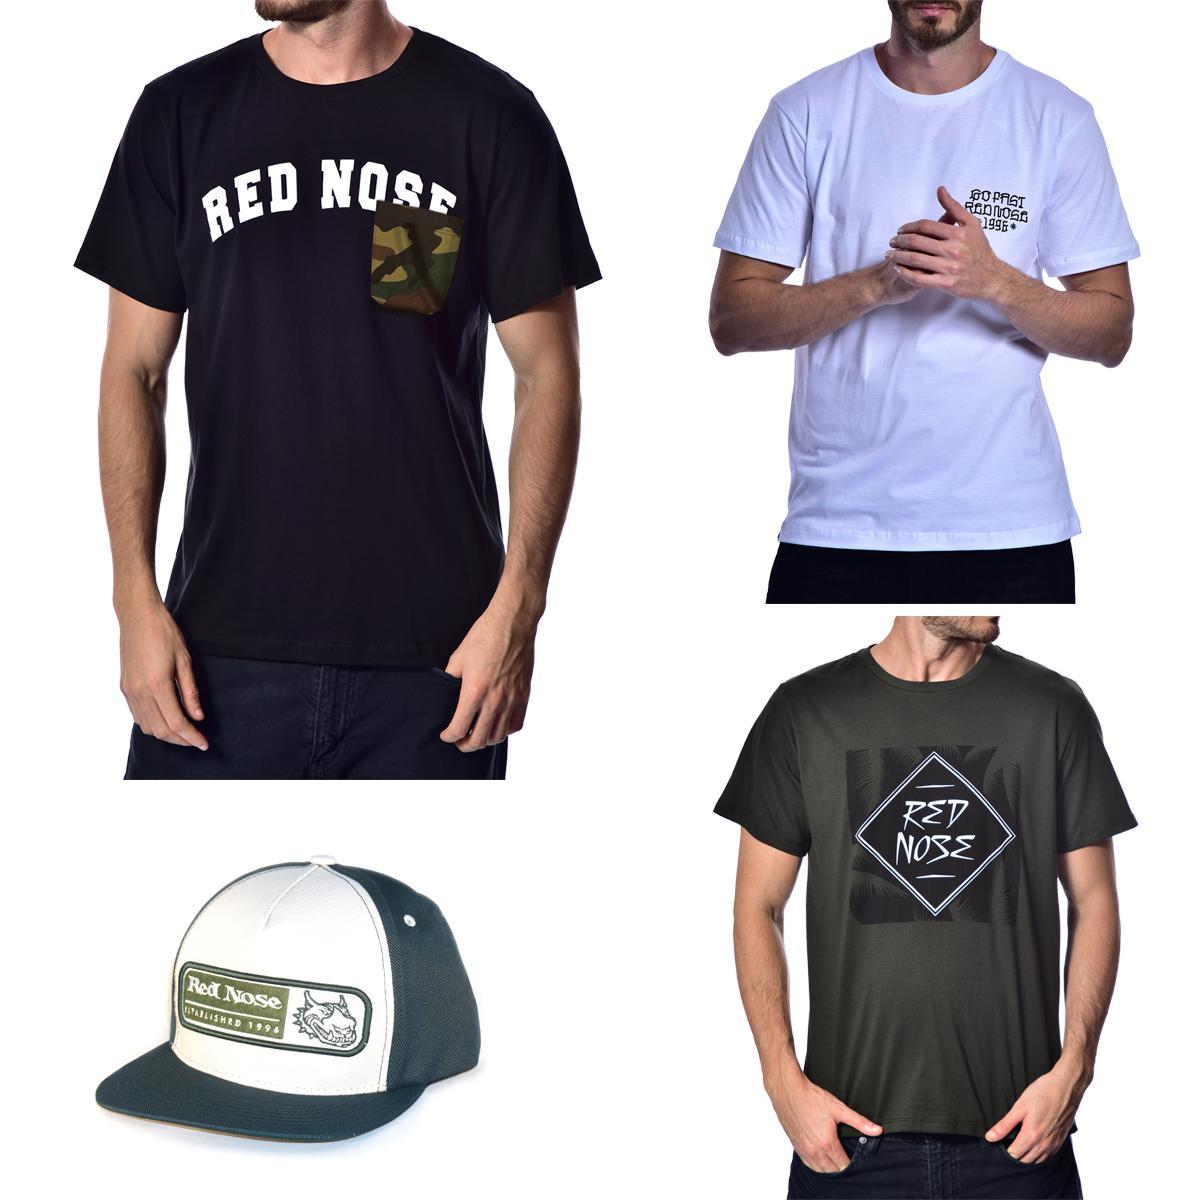 KIT 3 Camisetas e Boné Red Nose - Preto e Branco e Verde Musgo P